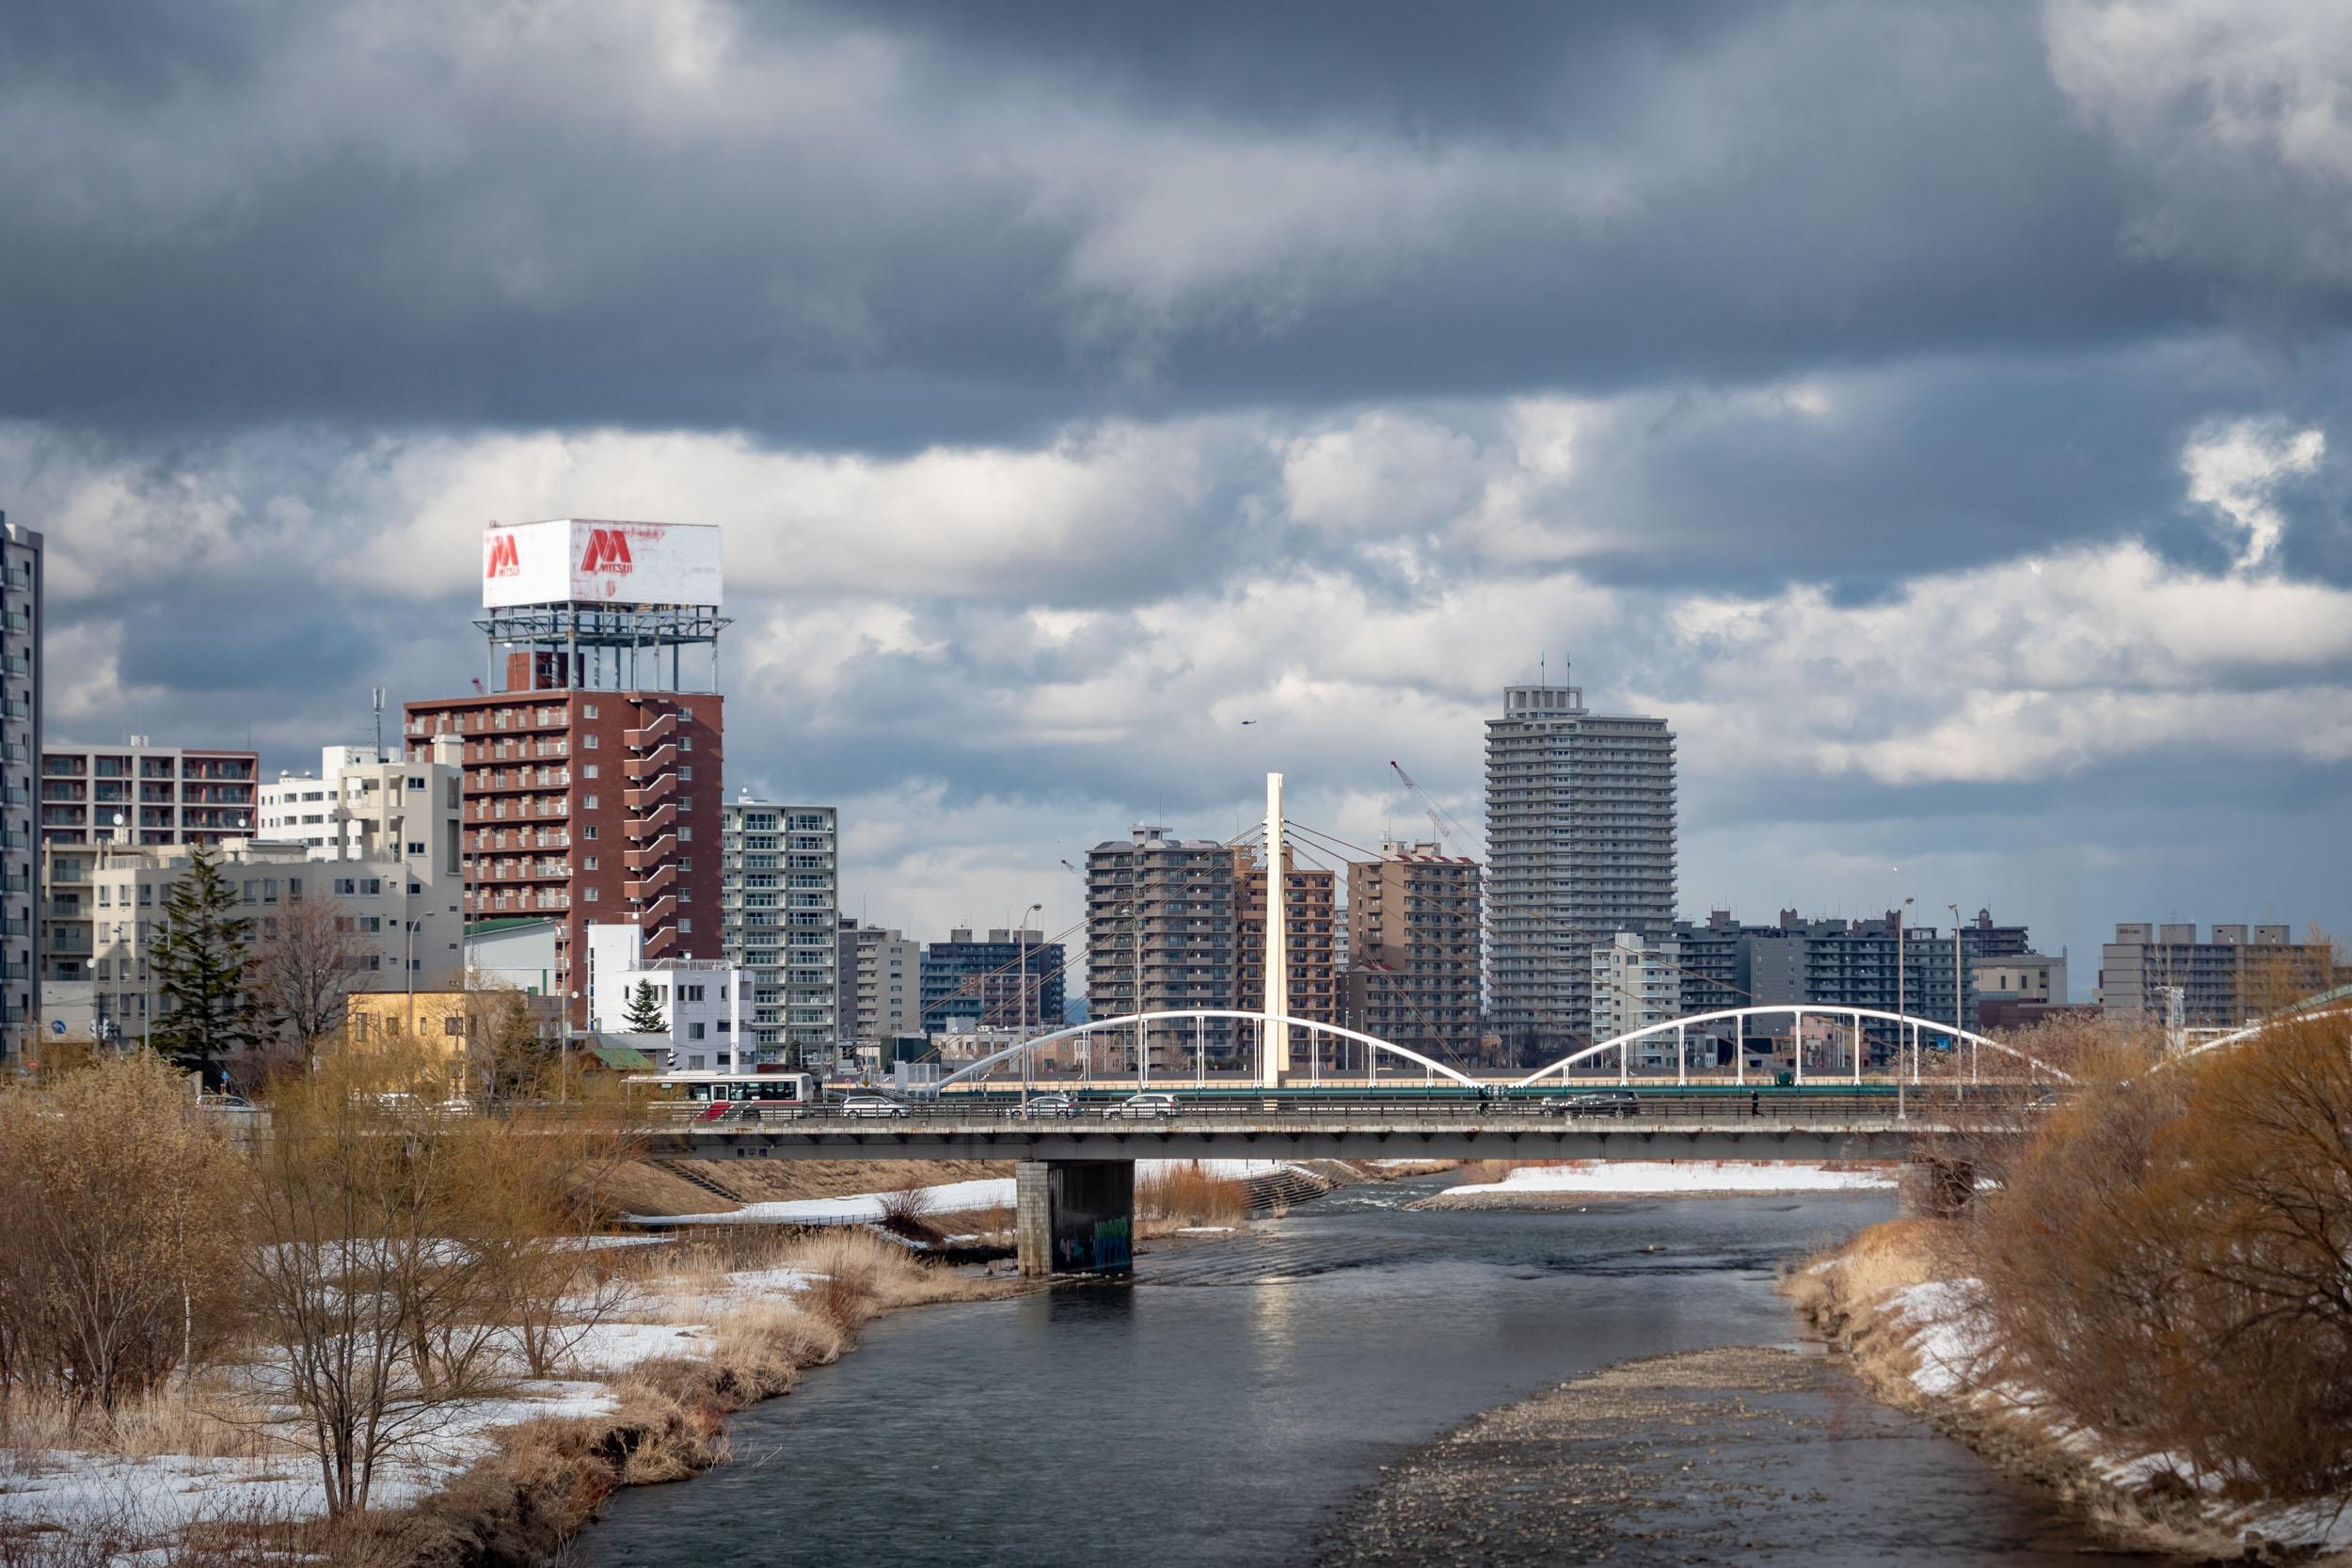 南七条大橋から見た豊平川と豊平橋 DMC-GX8 + LEICA DG 12-60mm